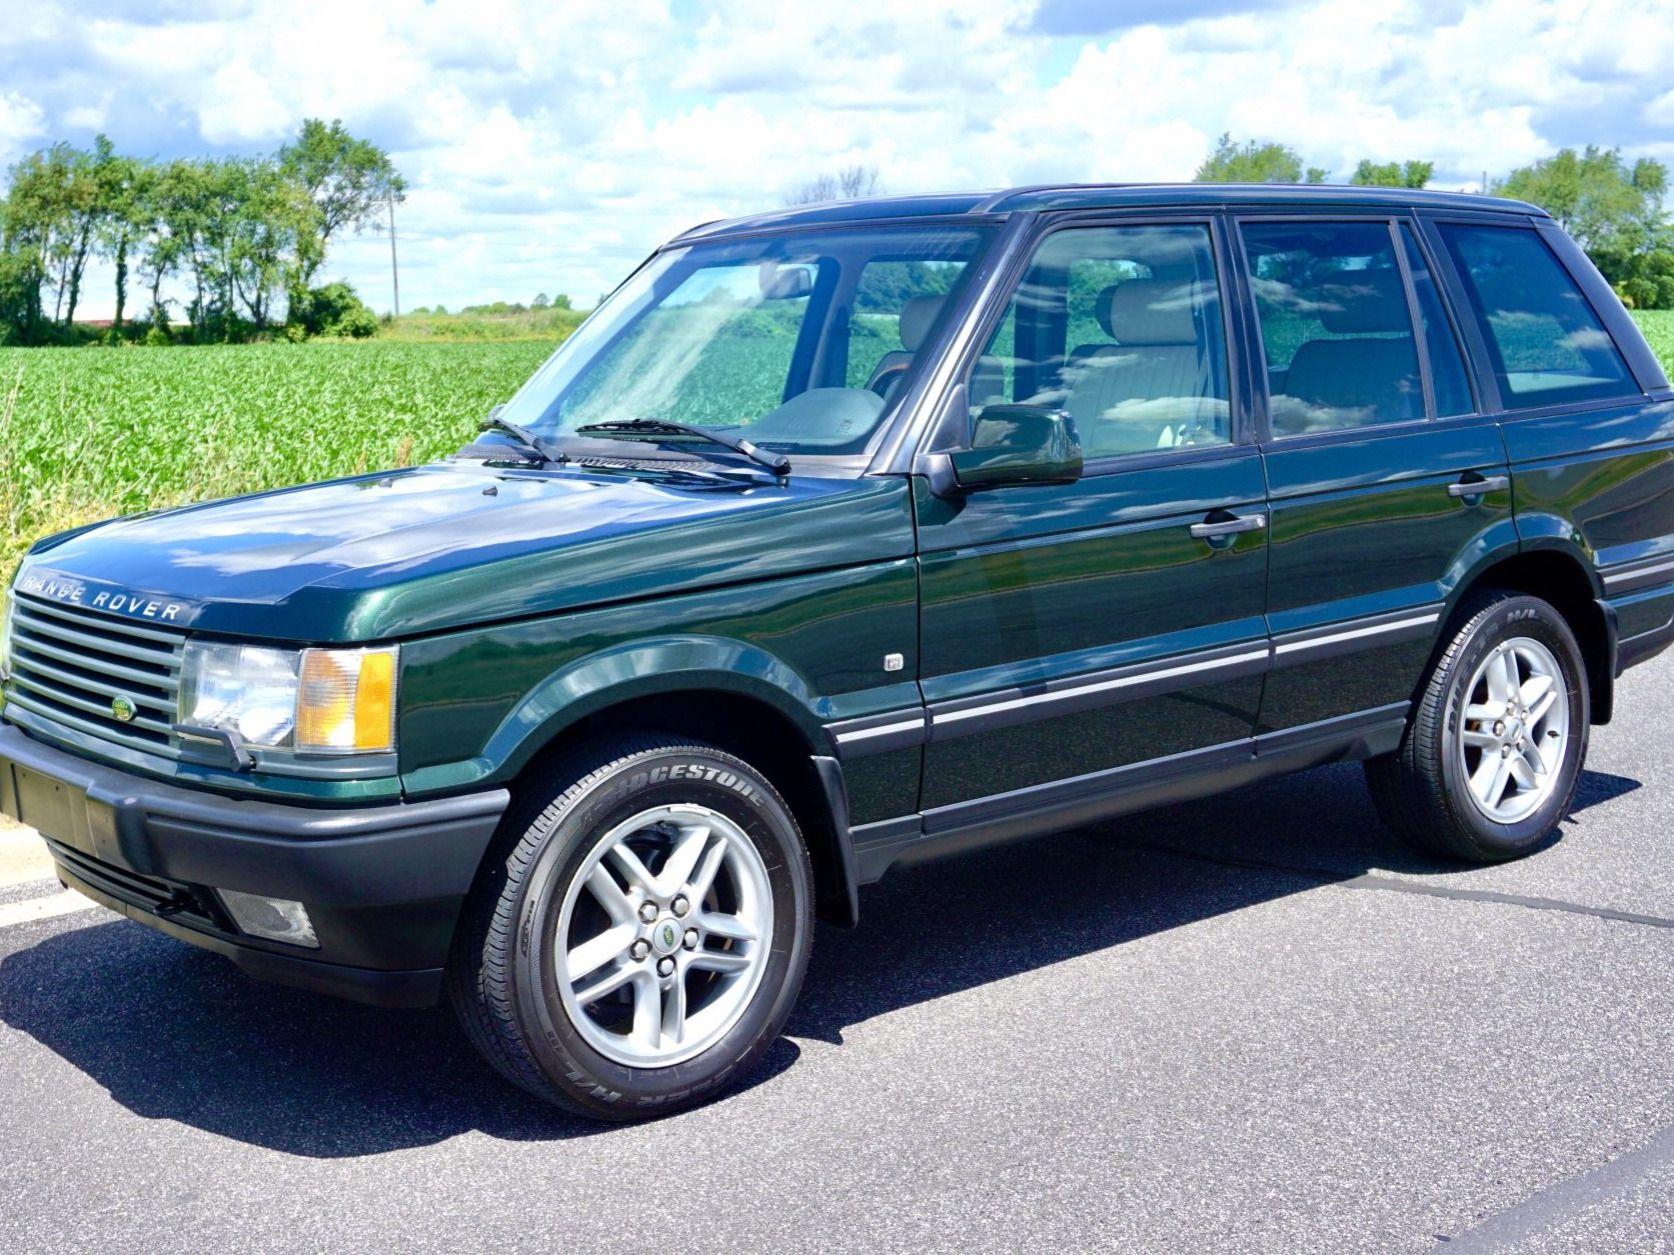 2001 Land Rover Range Rover 4.6 Hse